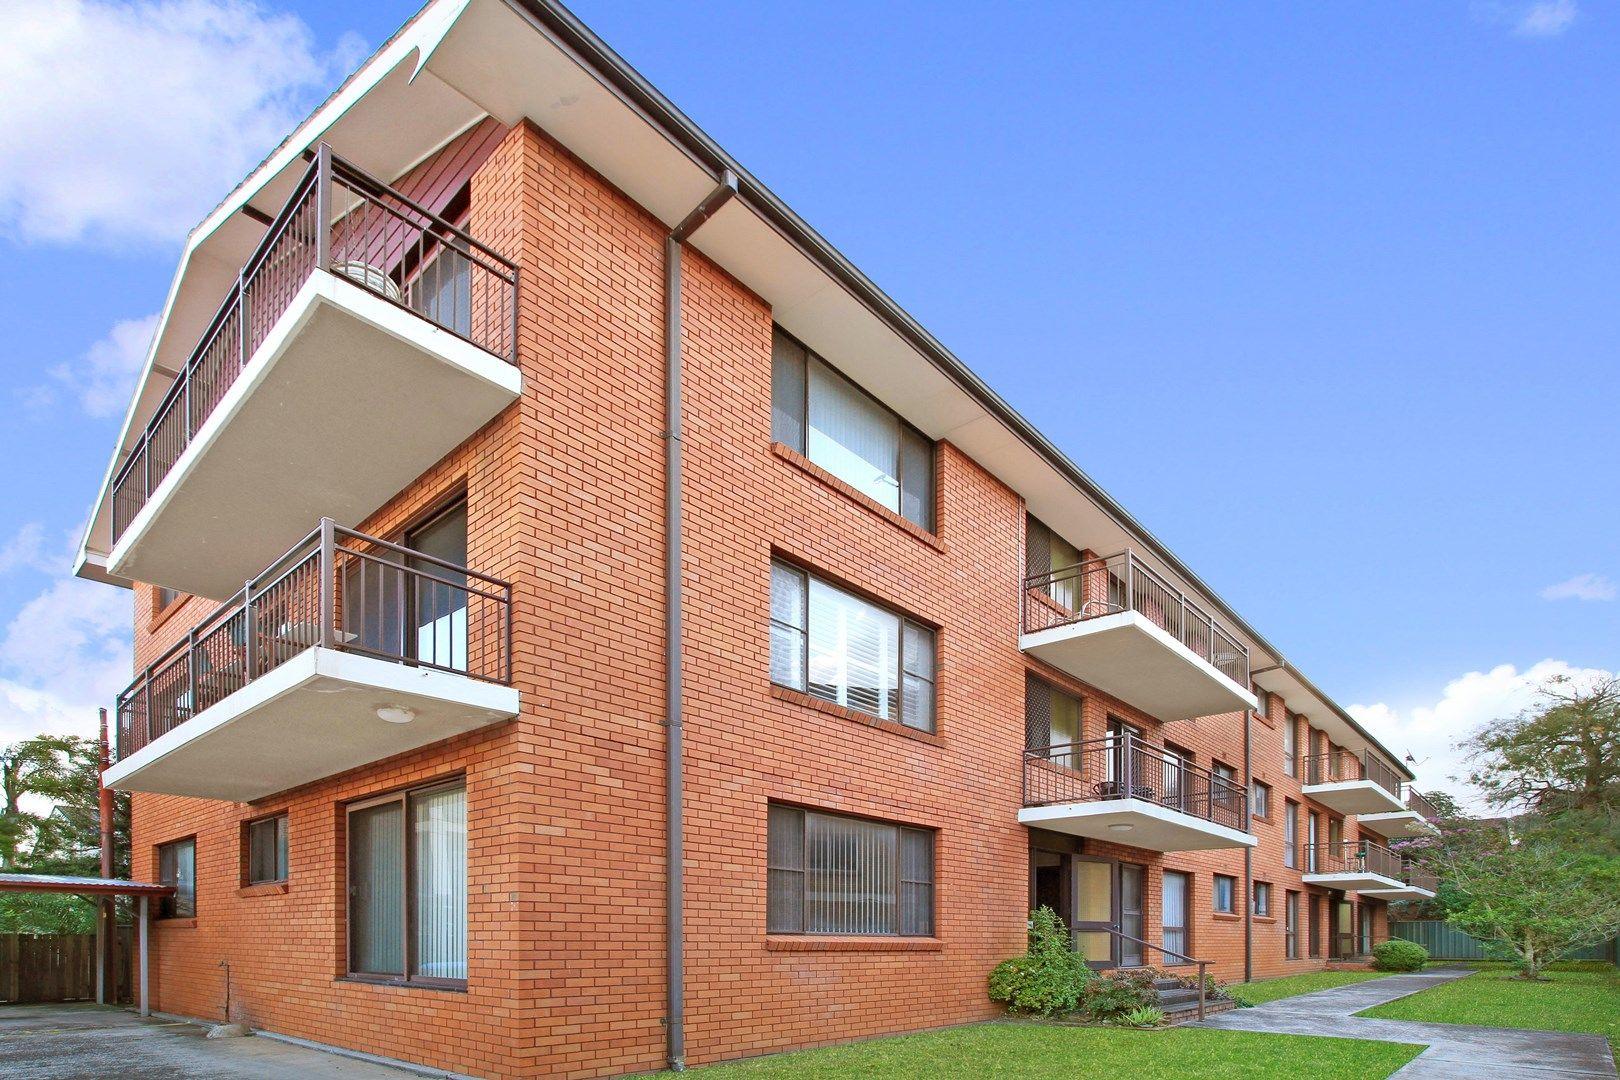 9/76 Corrimal Street, Wollongong NSW 2500, Image 0